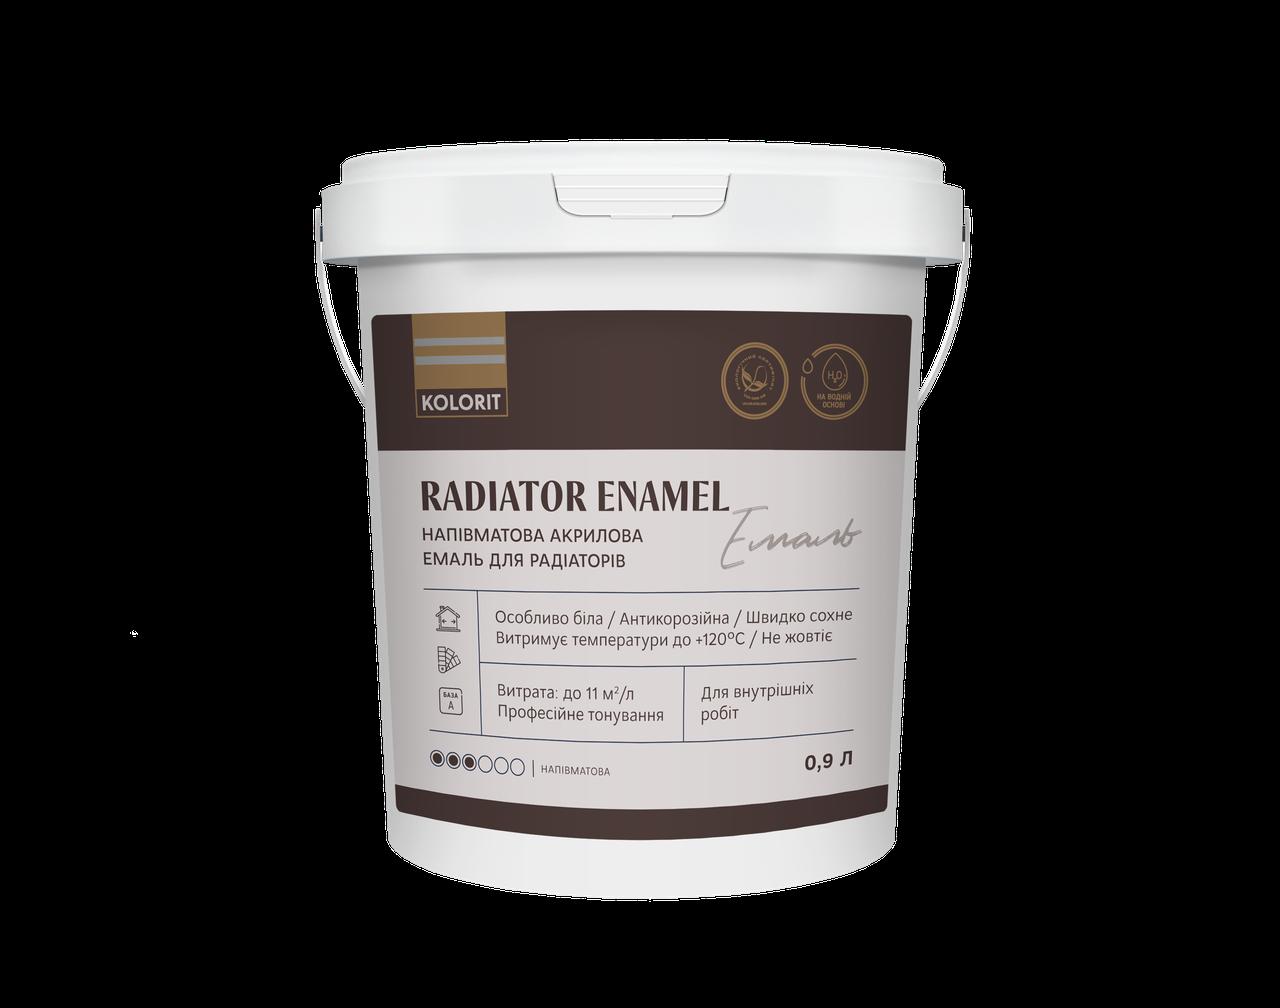 Kolorit Radiator Enamel / Акрилова емаль для радіаторів / база А / 0,9 л.